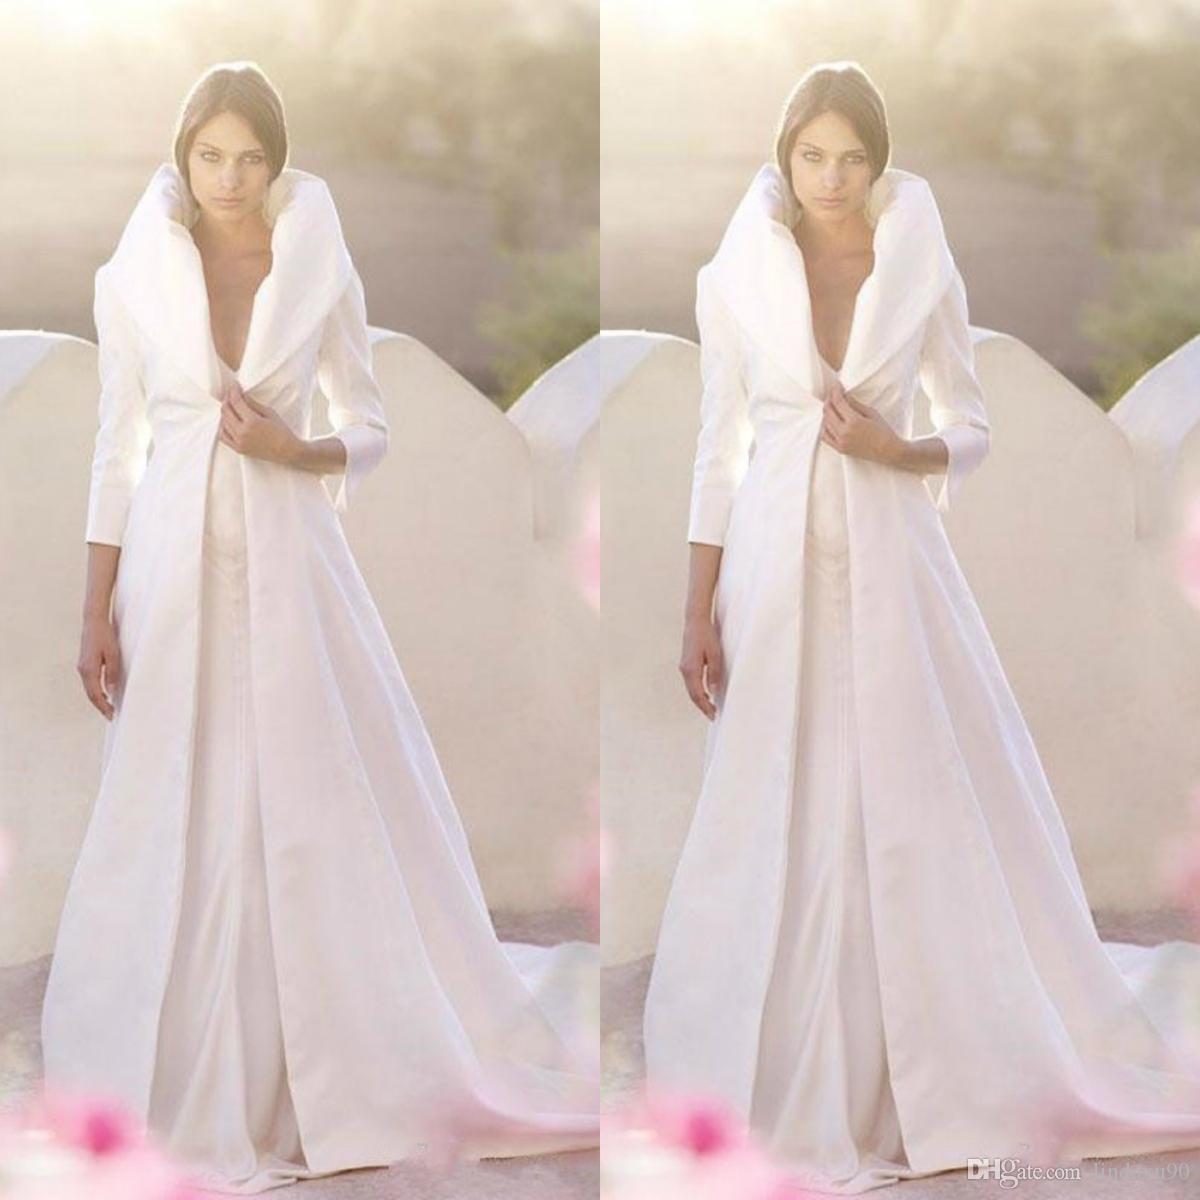 2019 Otoño Invierno White White Wrap Wrap Jacket Satin Abrigos de longitud completa Mangas largas Una línea Cuna de fiesta de boda Bridal Hecho a medida